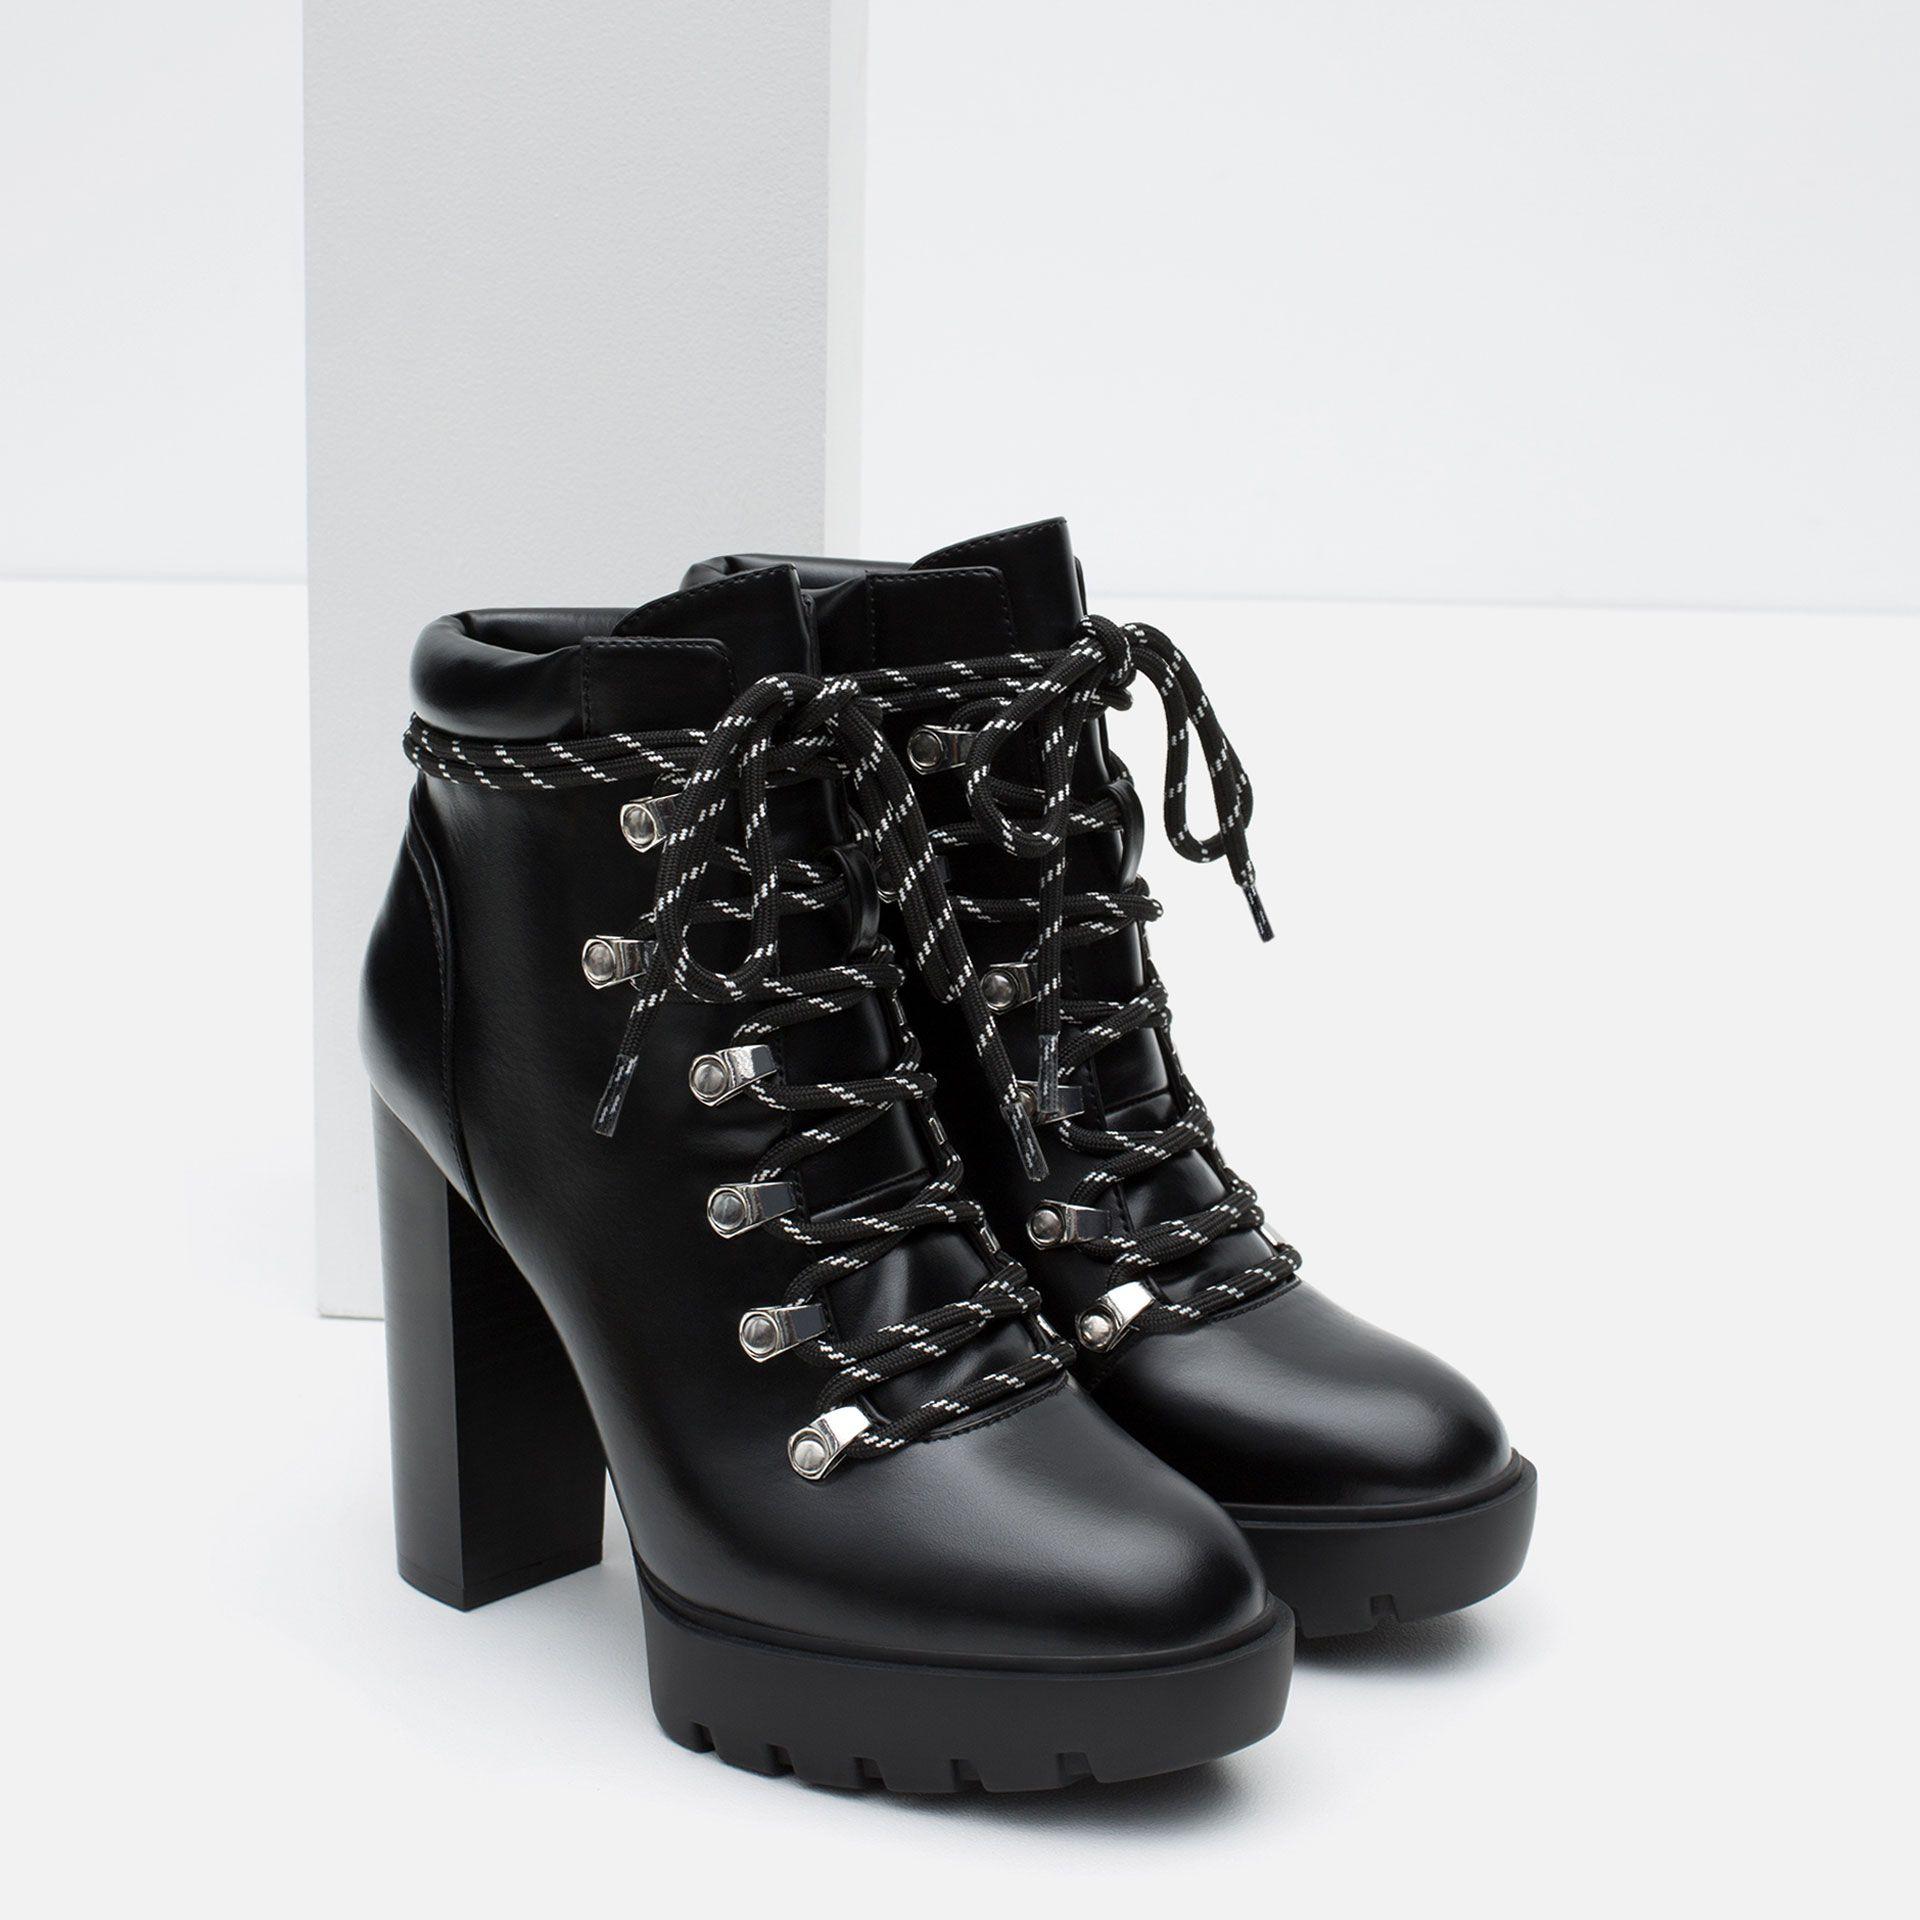 69d05b777db BOTTES À TALONS STYLE MONTAGNE - Tout voir - Chaussures - FEMME ...